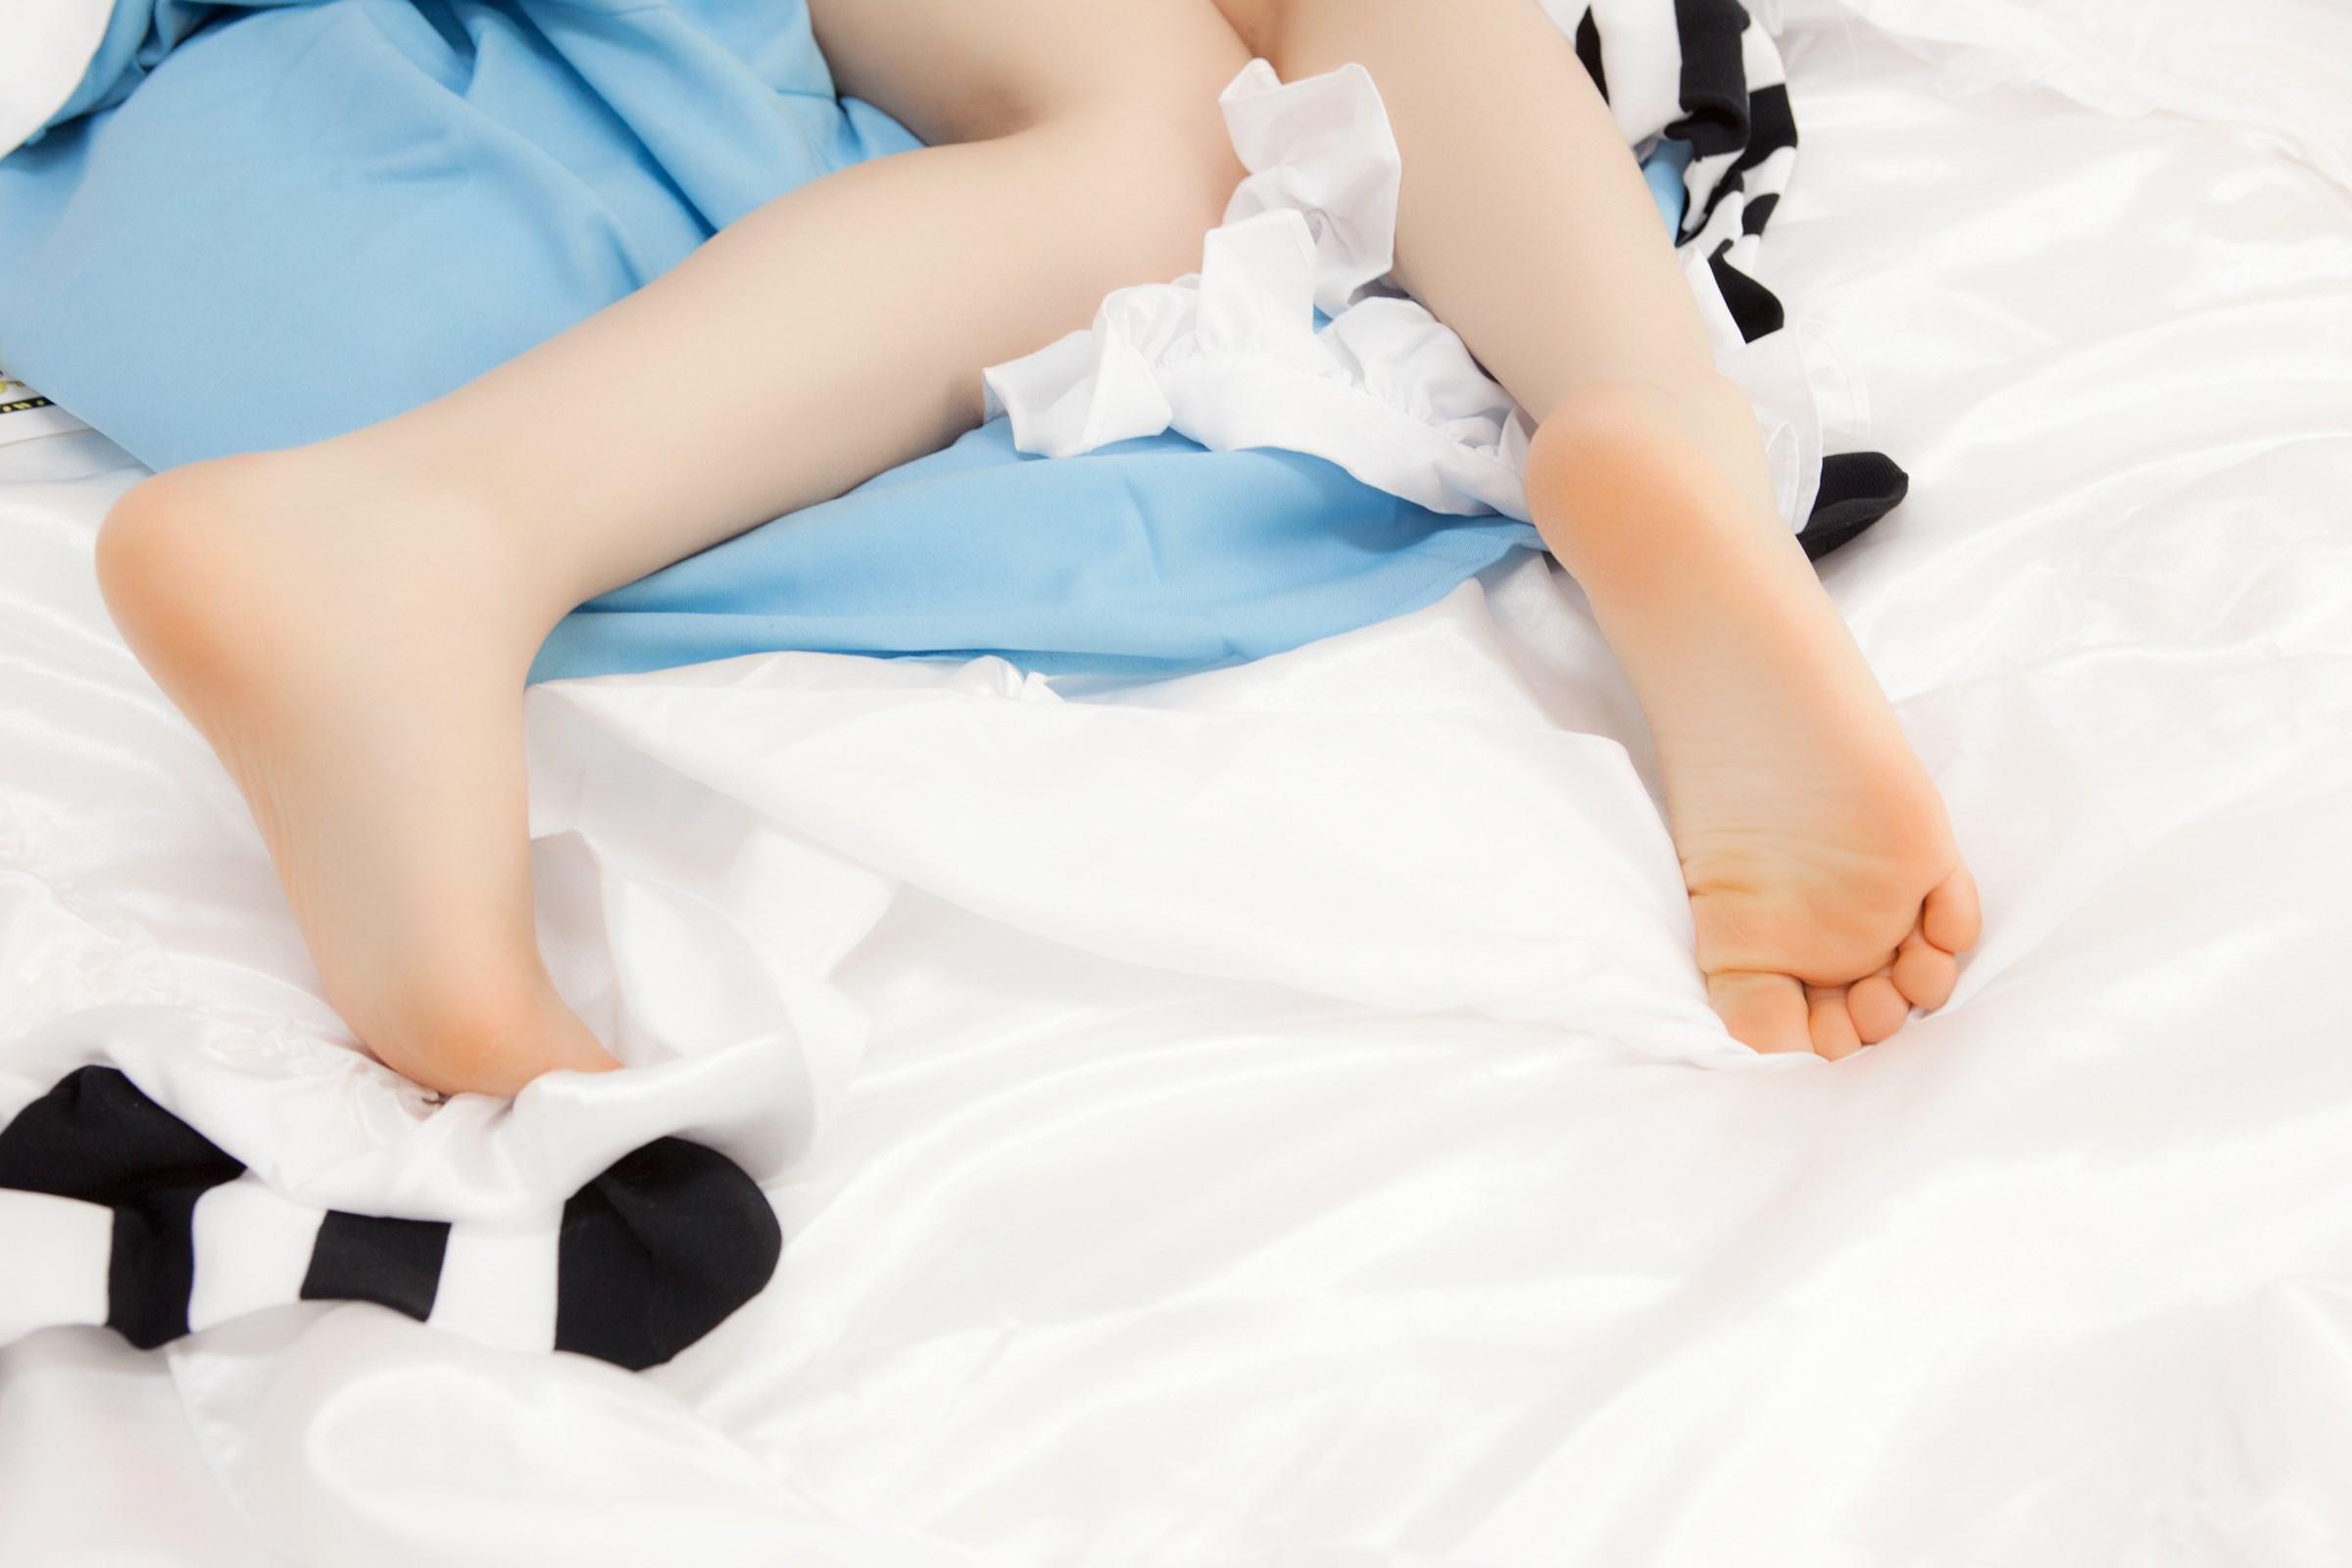 【兔玩映画】爱丽丝少女的死库水 兔玩映画 第9张